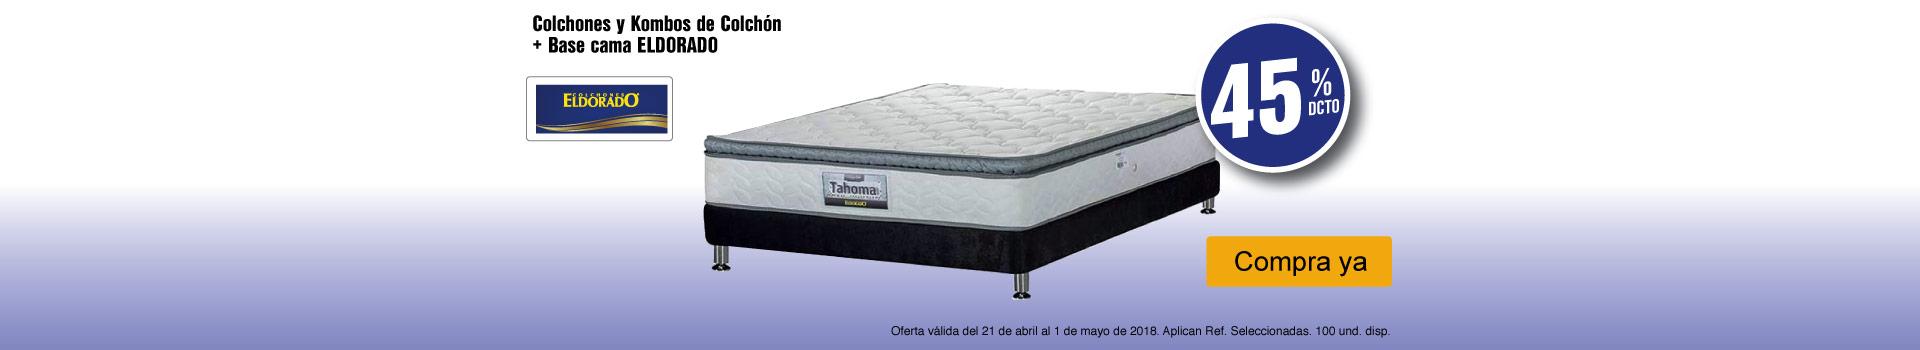 AK-BCAT-1-hogar-DCAT-Eldorado-kombosycolchones-Abr25